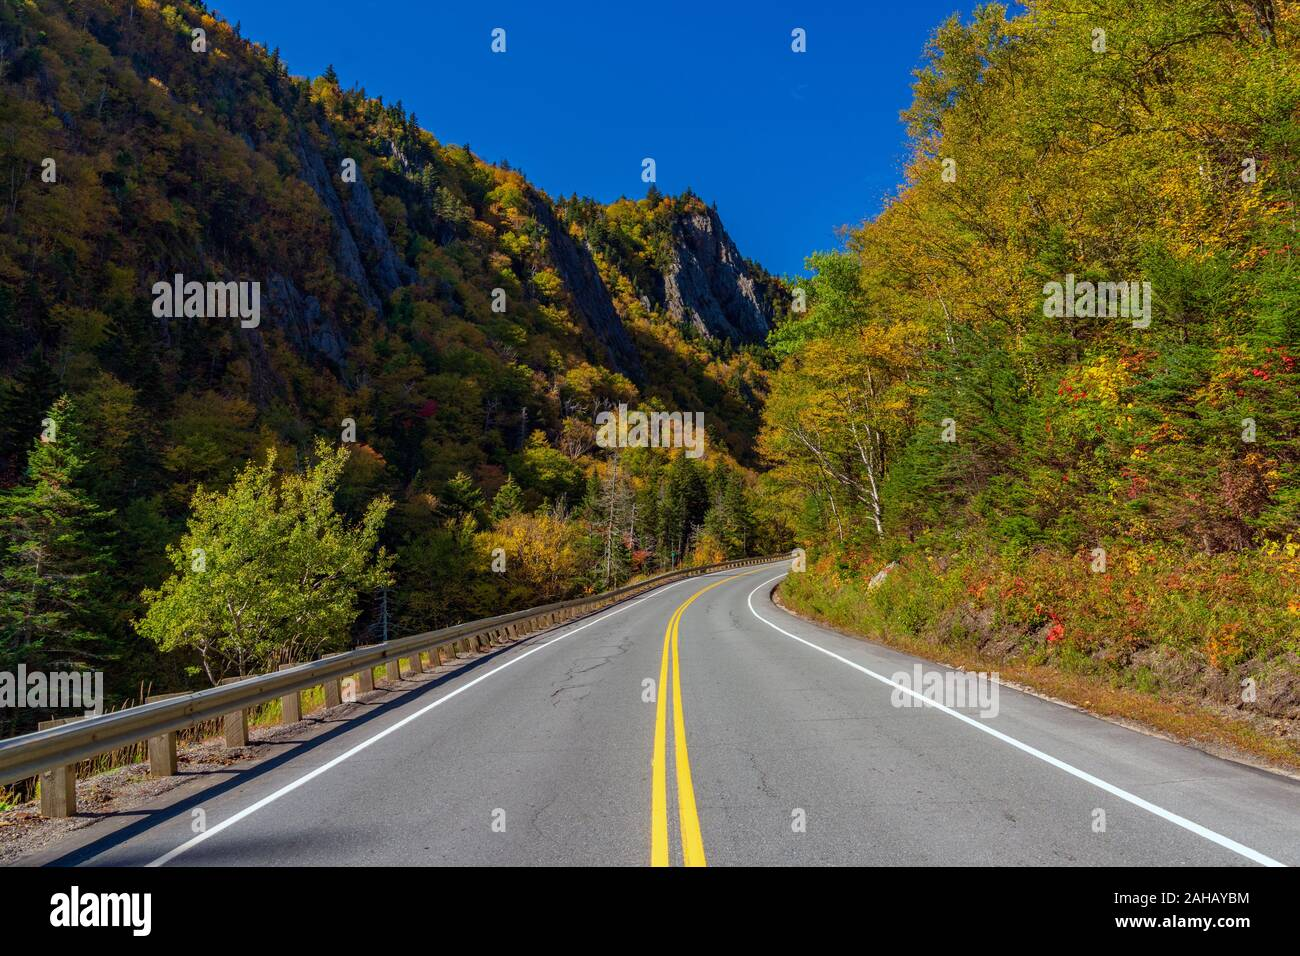 Una curva la strada conduce attraverso un passo di montagna circondato da foresta colorata visualizzazione di vivaci colori di montagna. Foto Stock